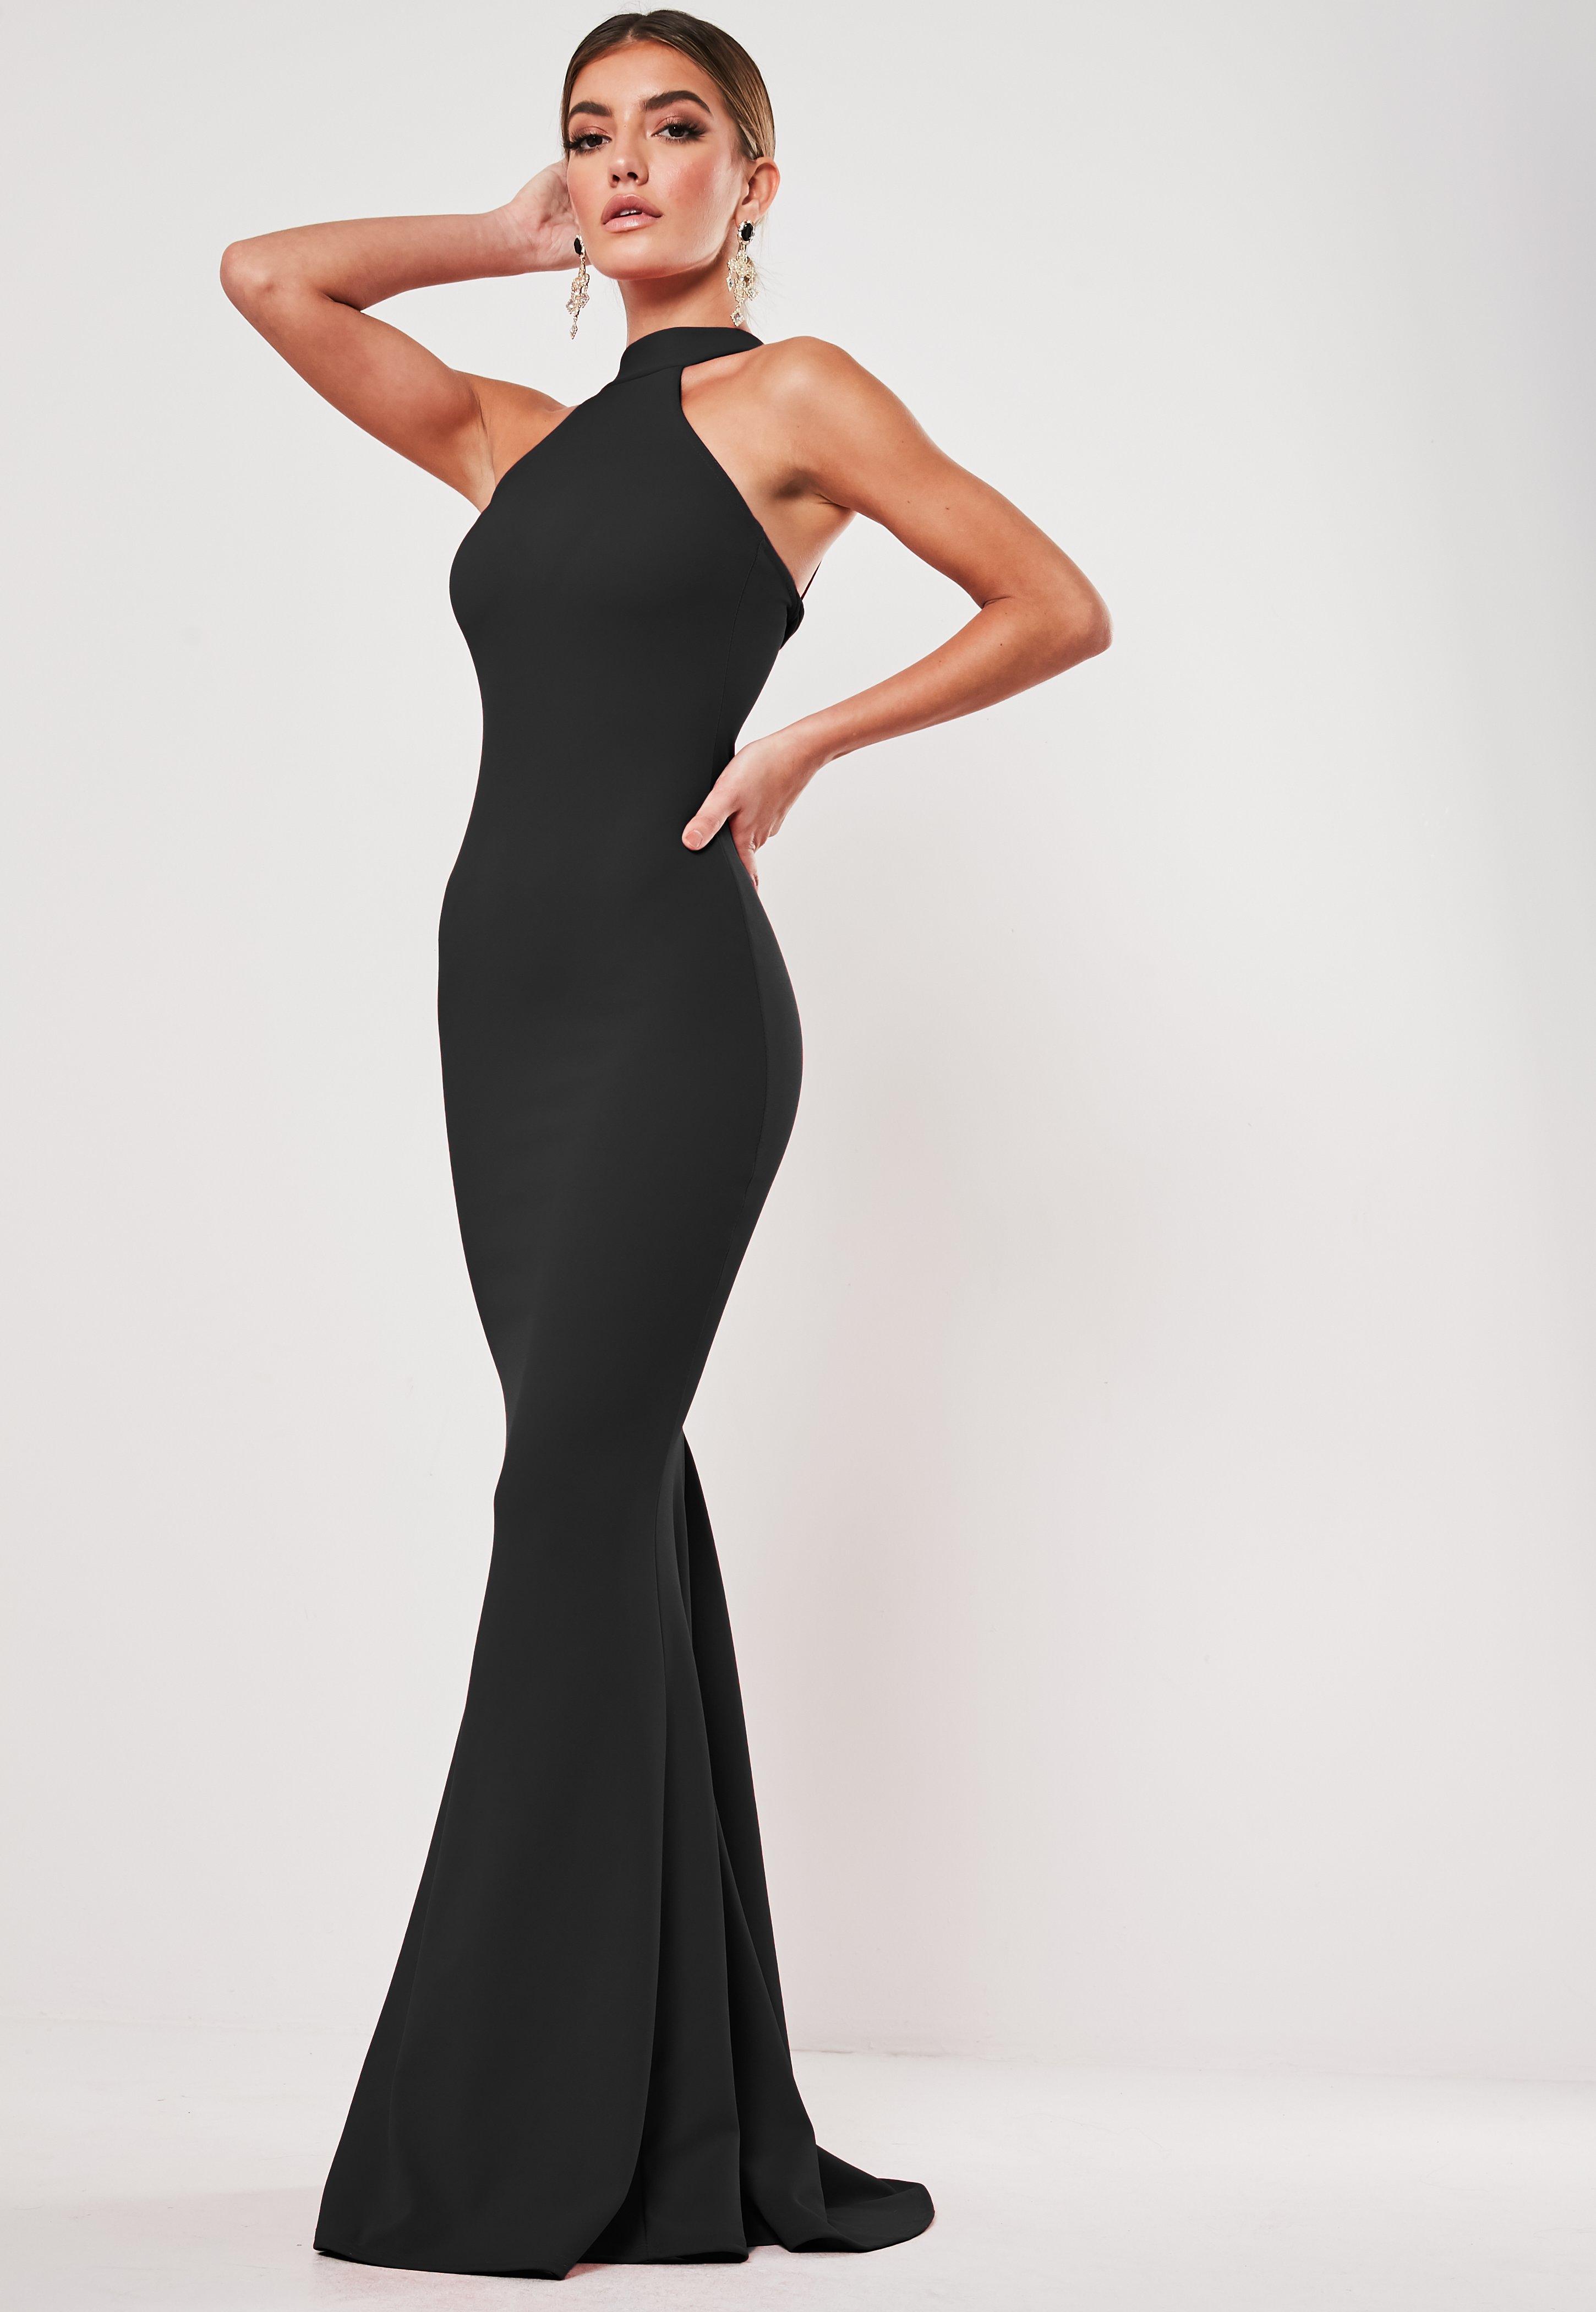 Czarna sukienka maxi z zabudowanym dekoltem